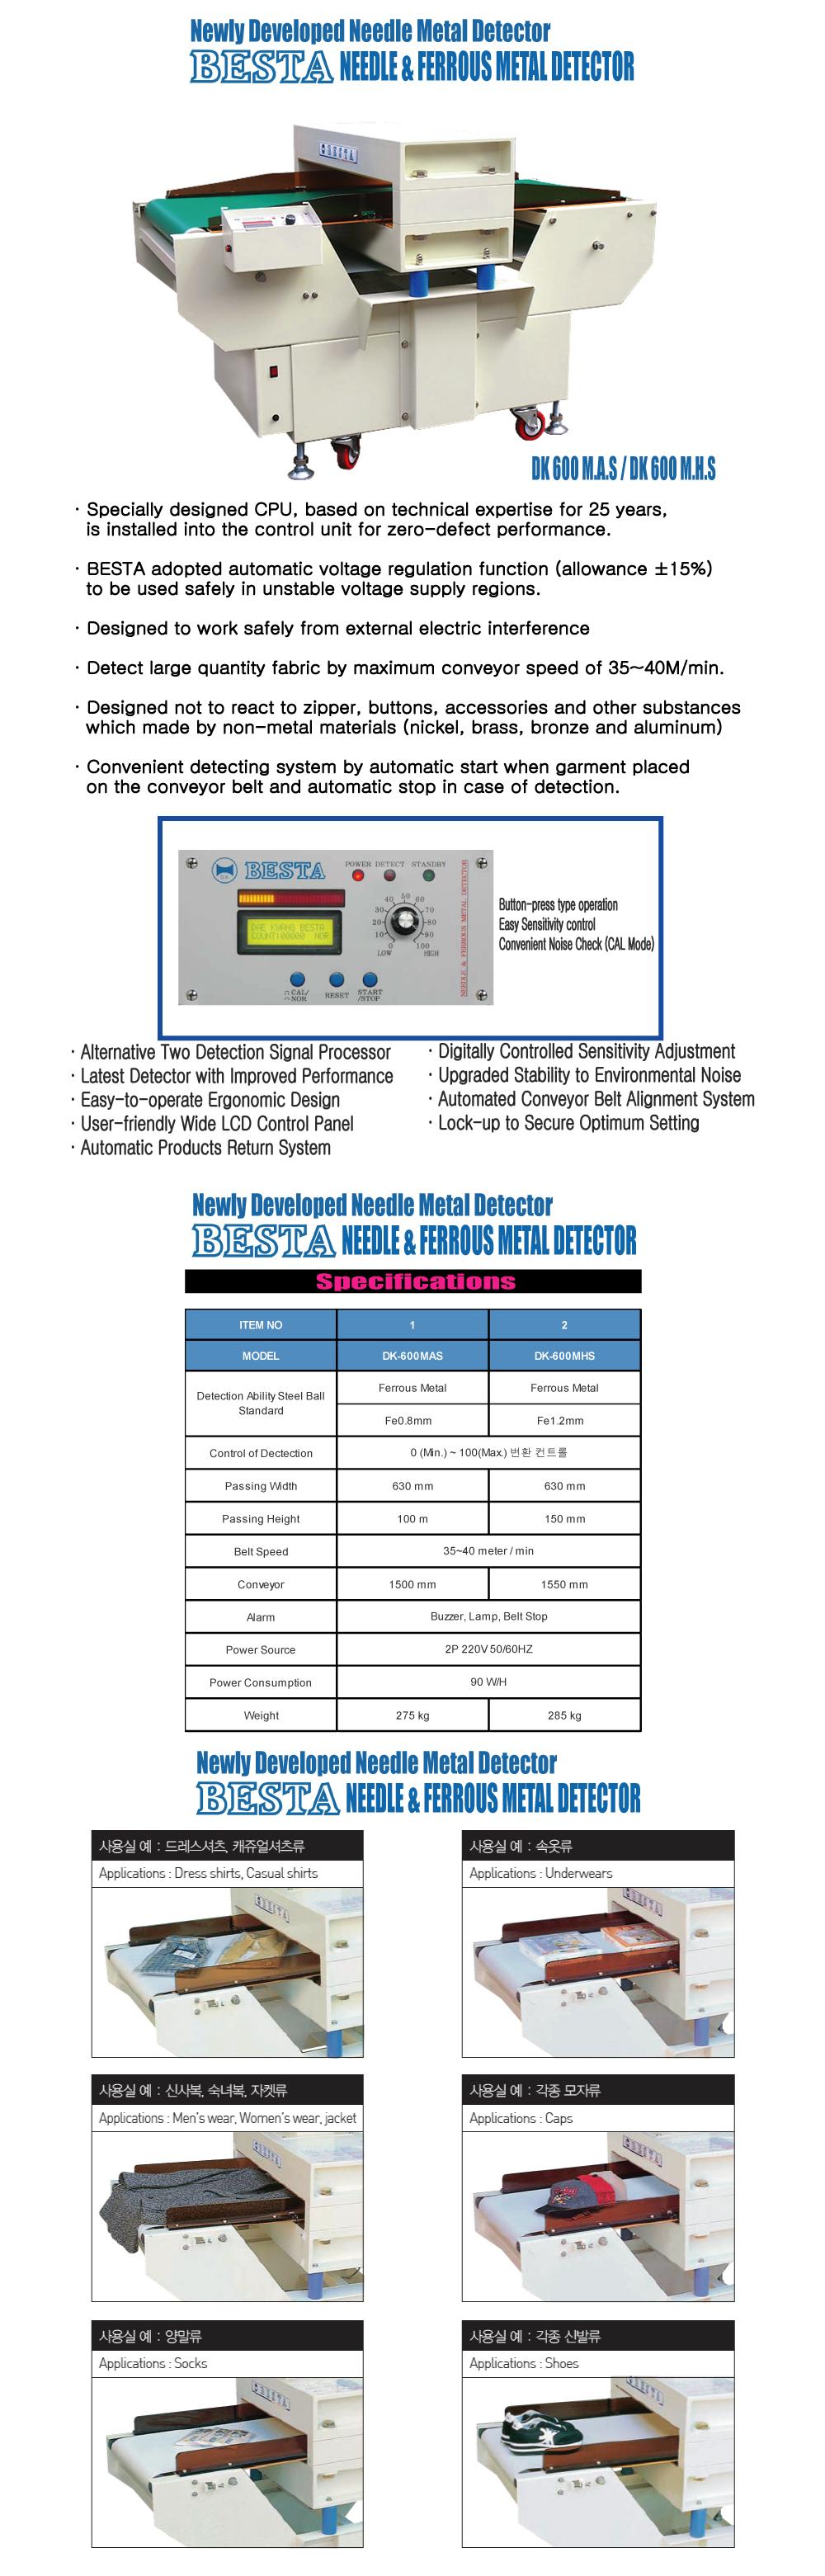 DAE KWANG ENGINEERING Conveyor Belt Type DK-600 MAS/MHS